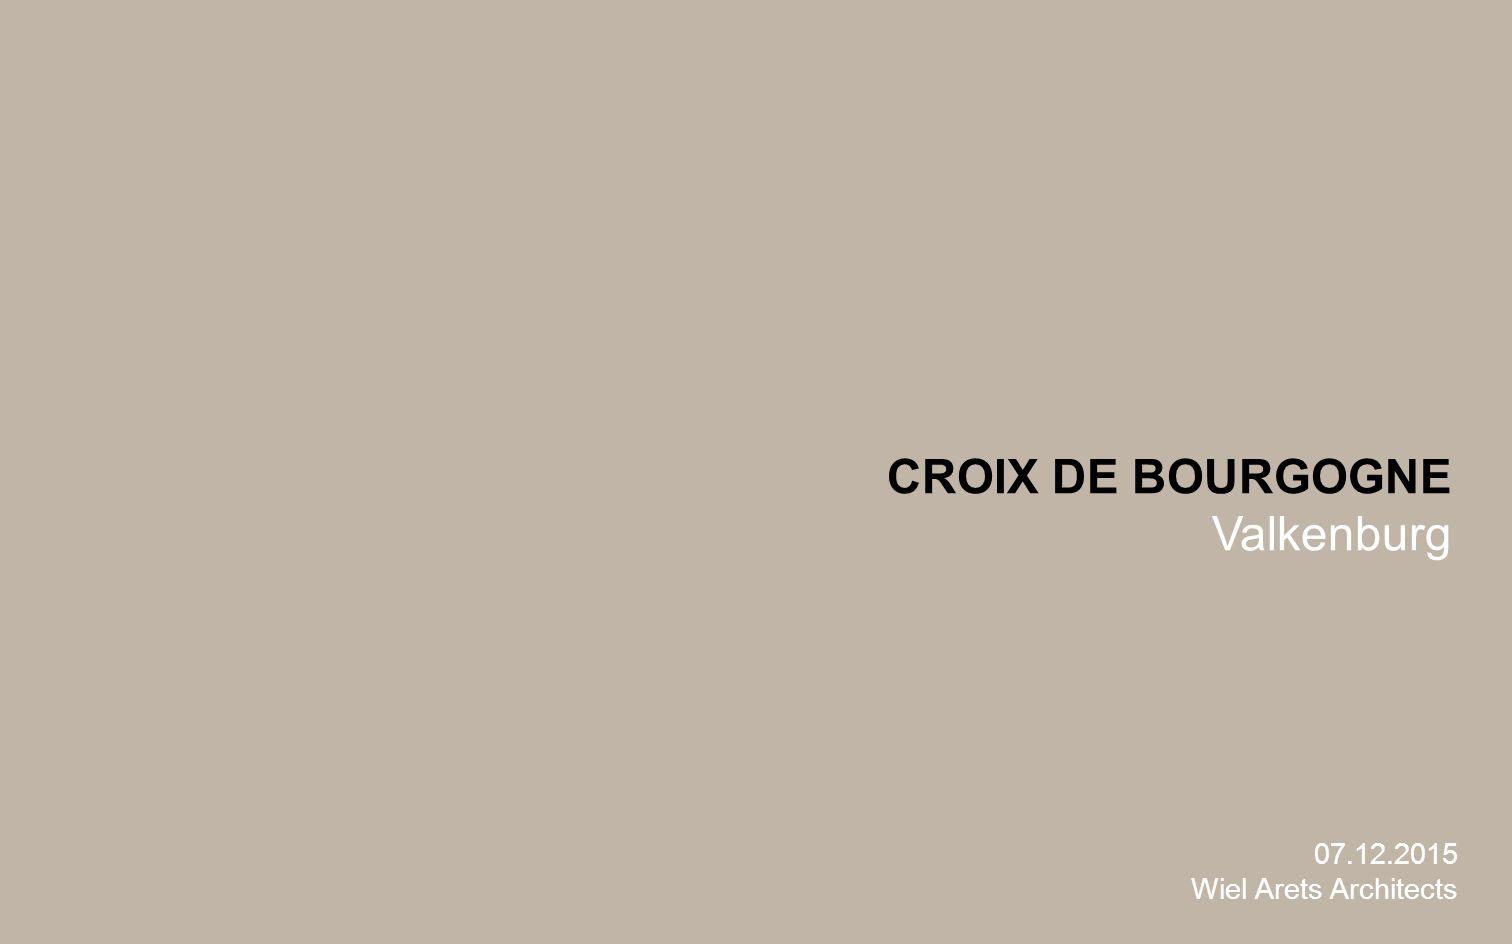 Het historische Croix de Bourgogne